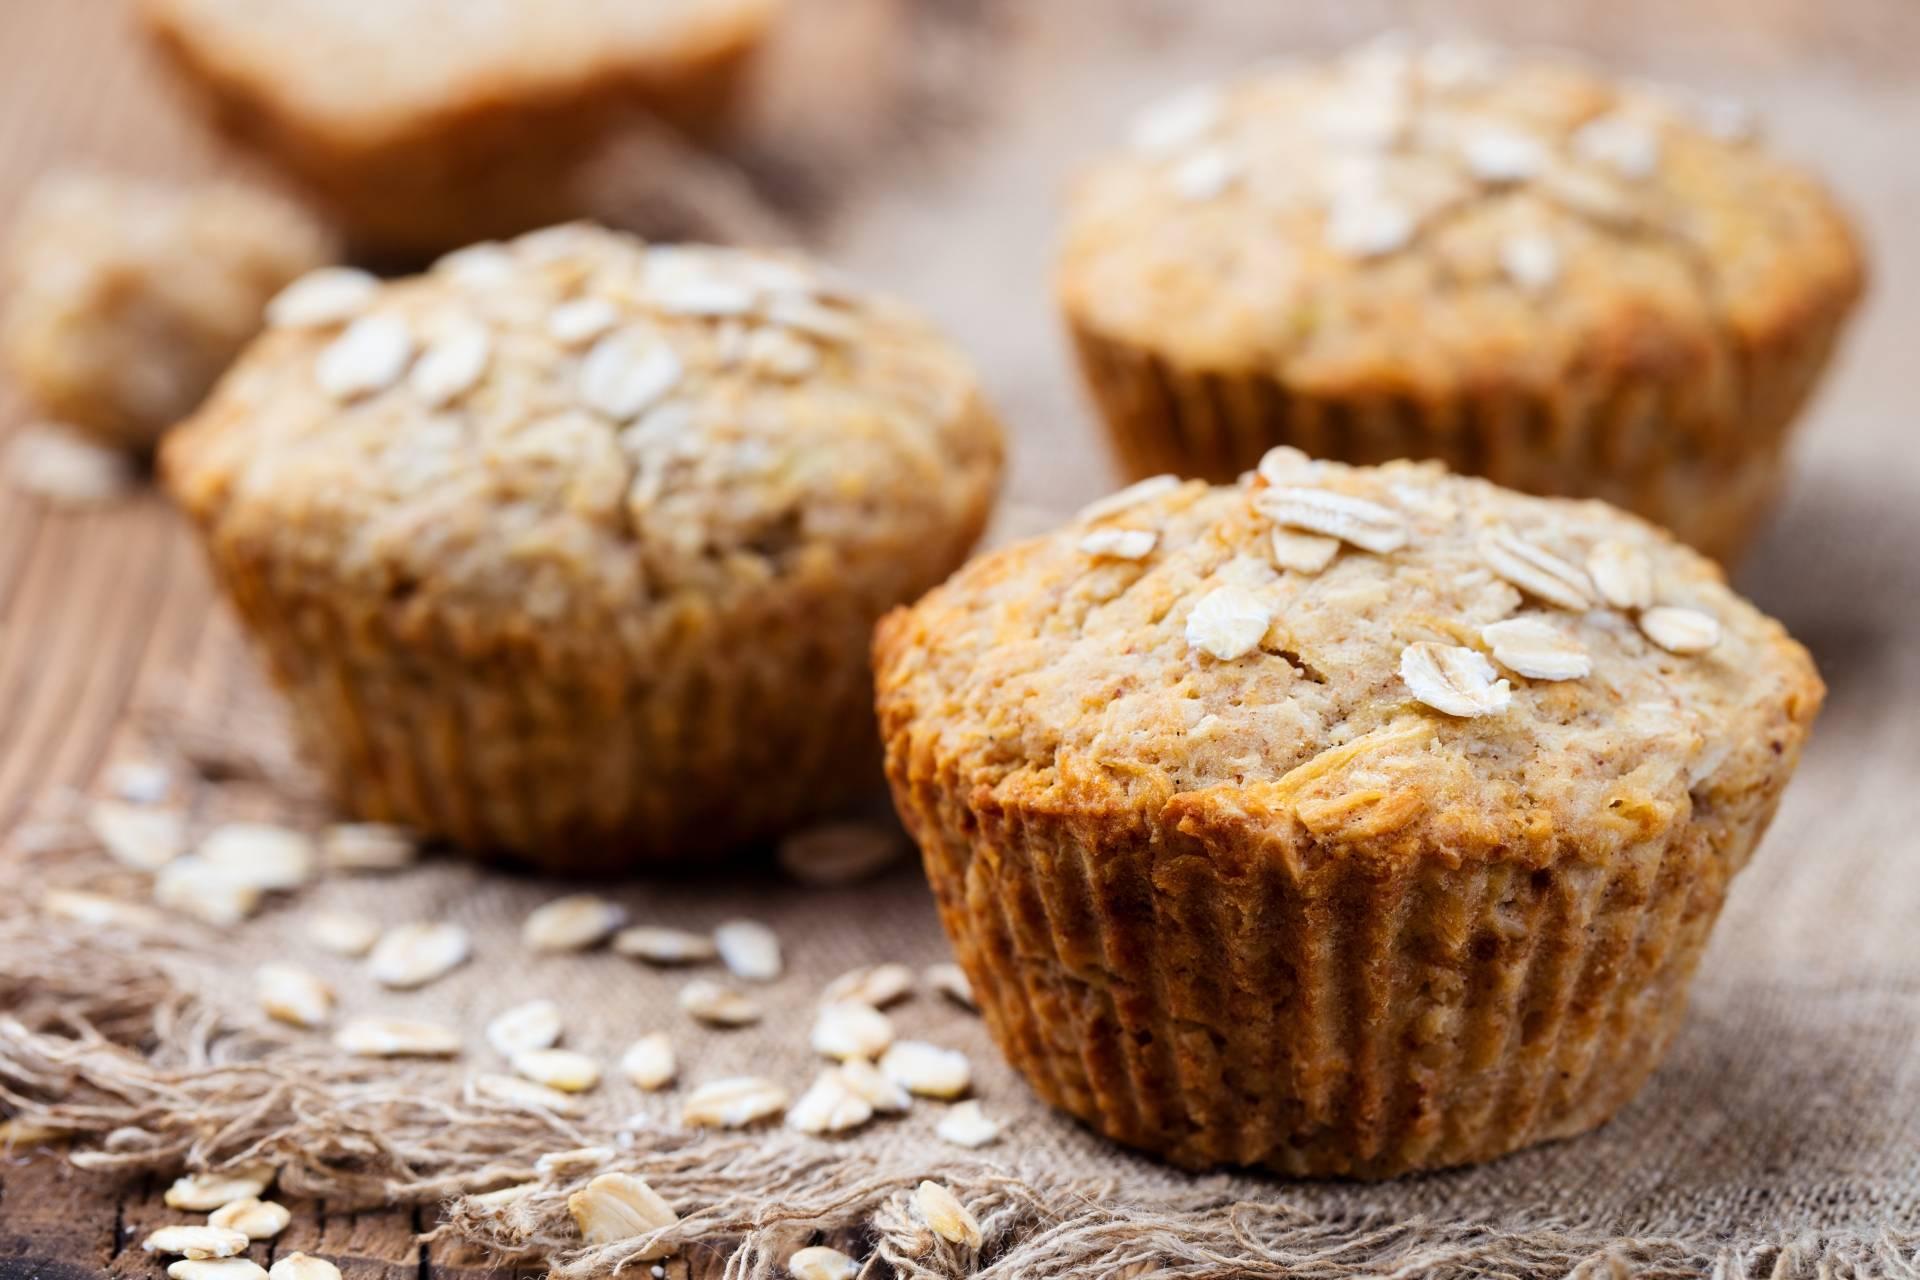 Najlepsze produkty z owsa: mąka owsiana i muffinki owsiane.